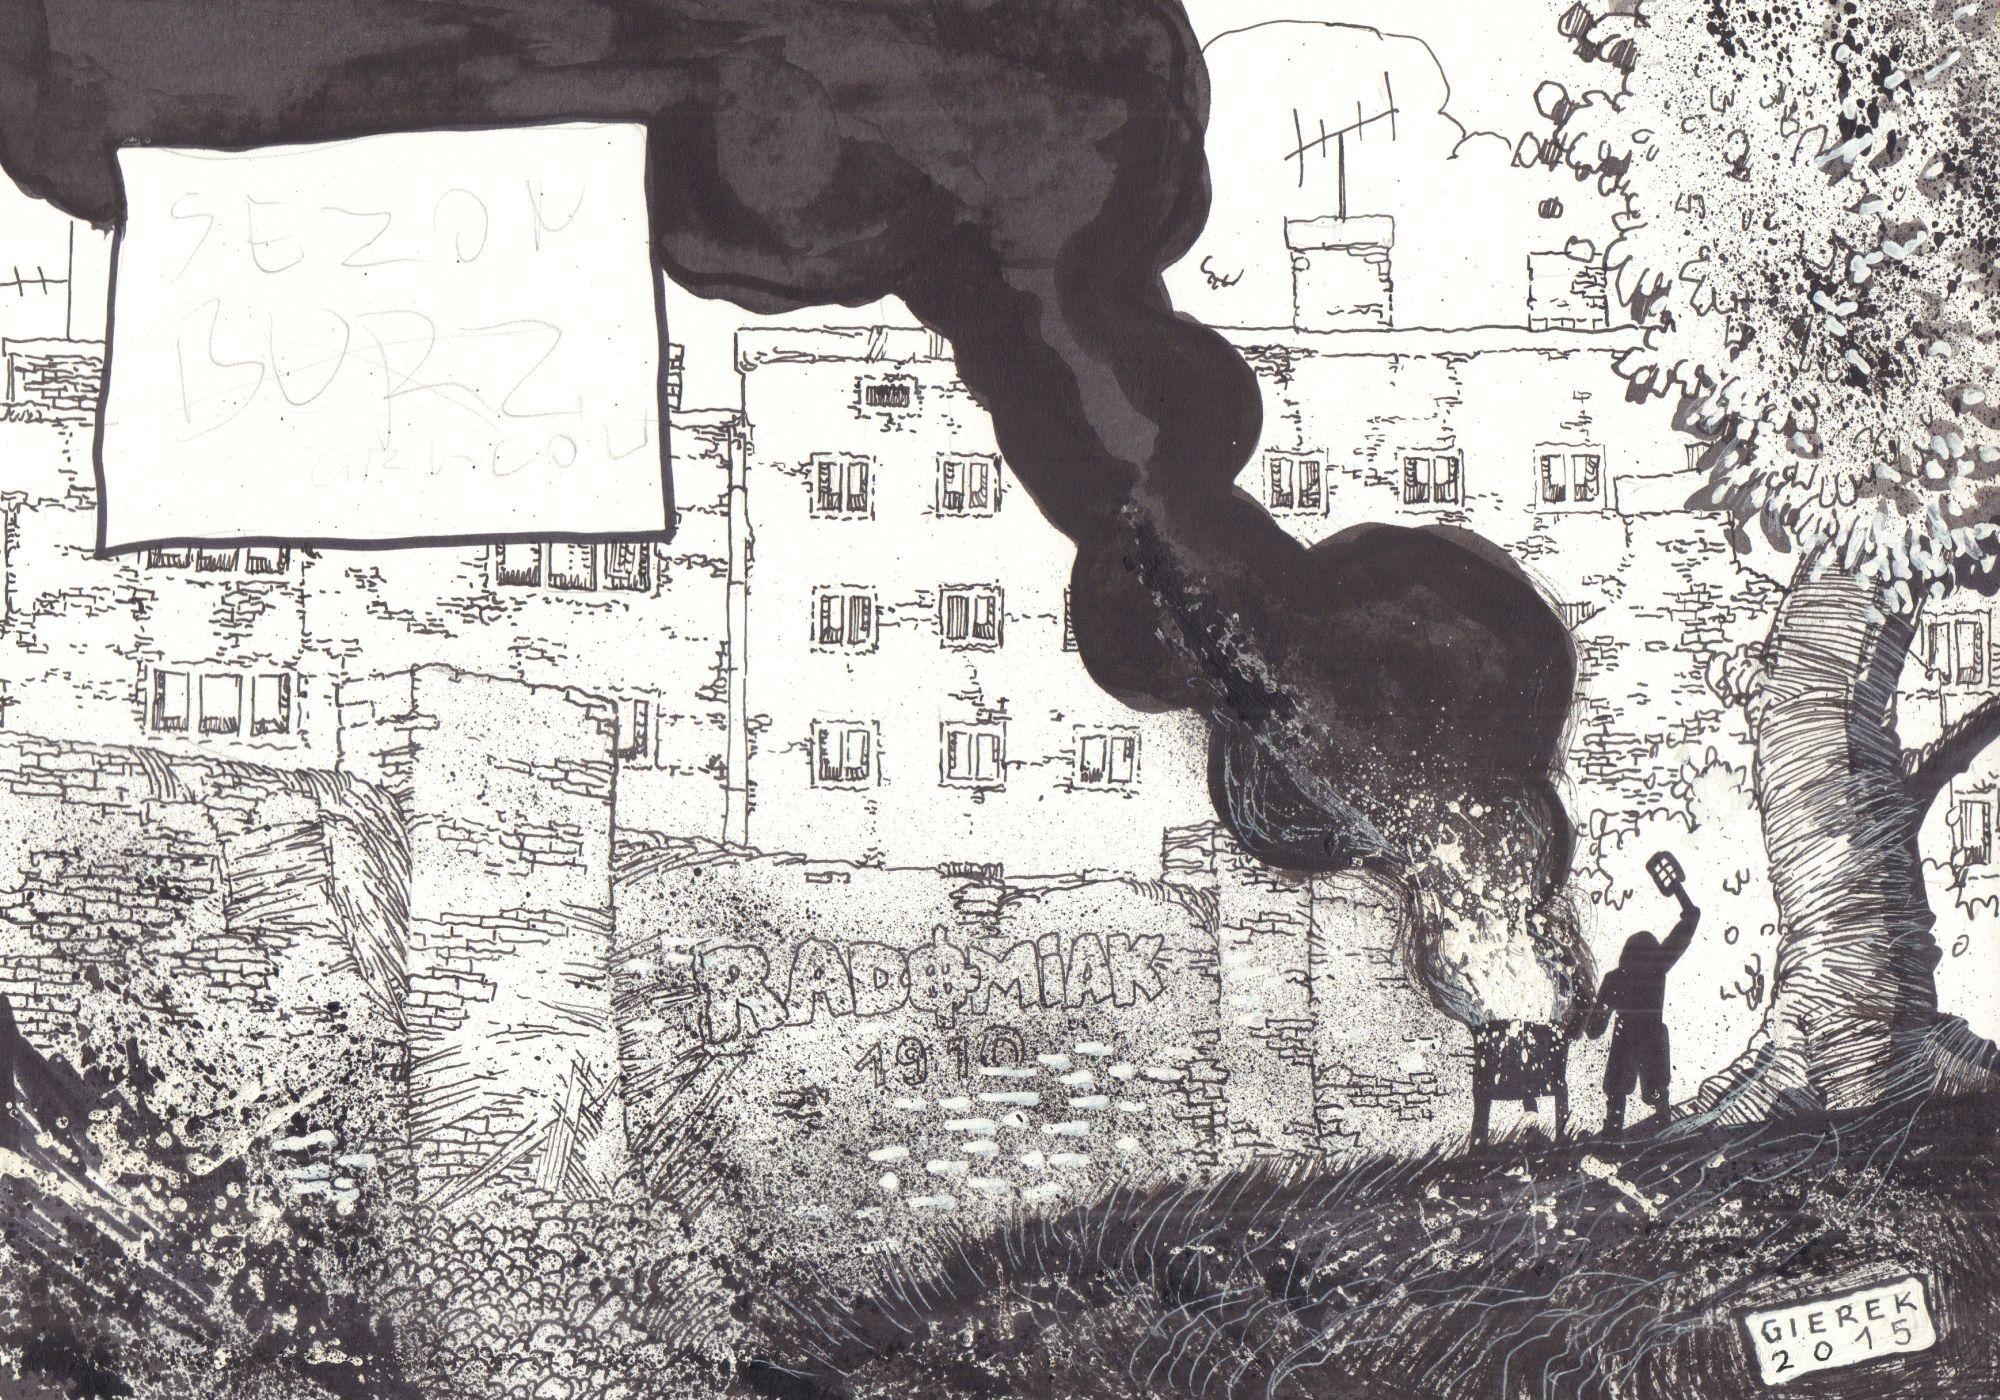 Ołtsajders. Chrzest ognia, s. 36-48 (kompletna historia Sezon Grillów)